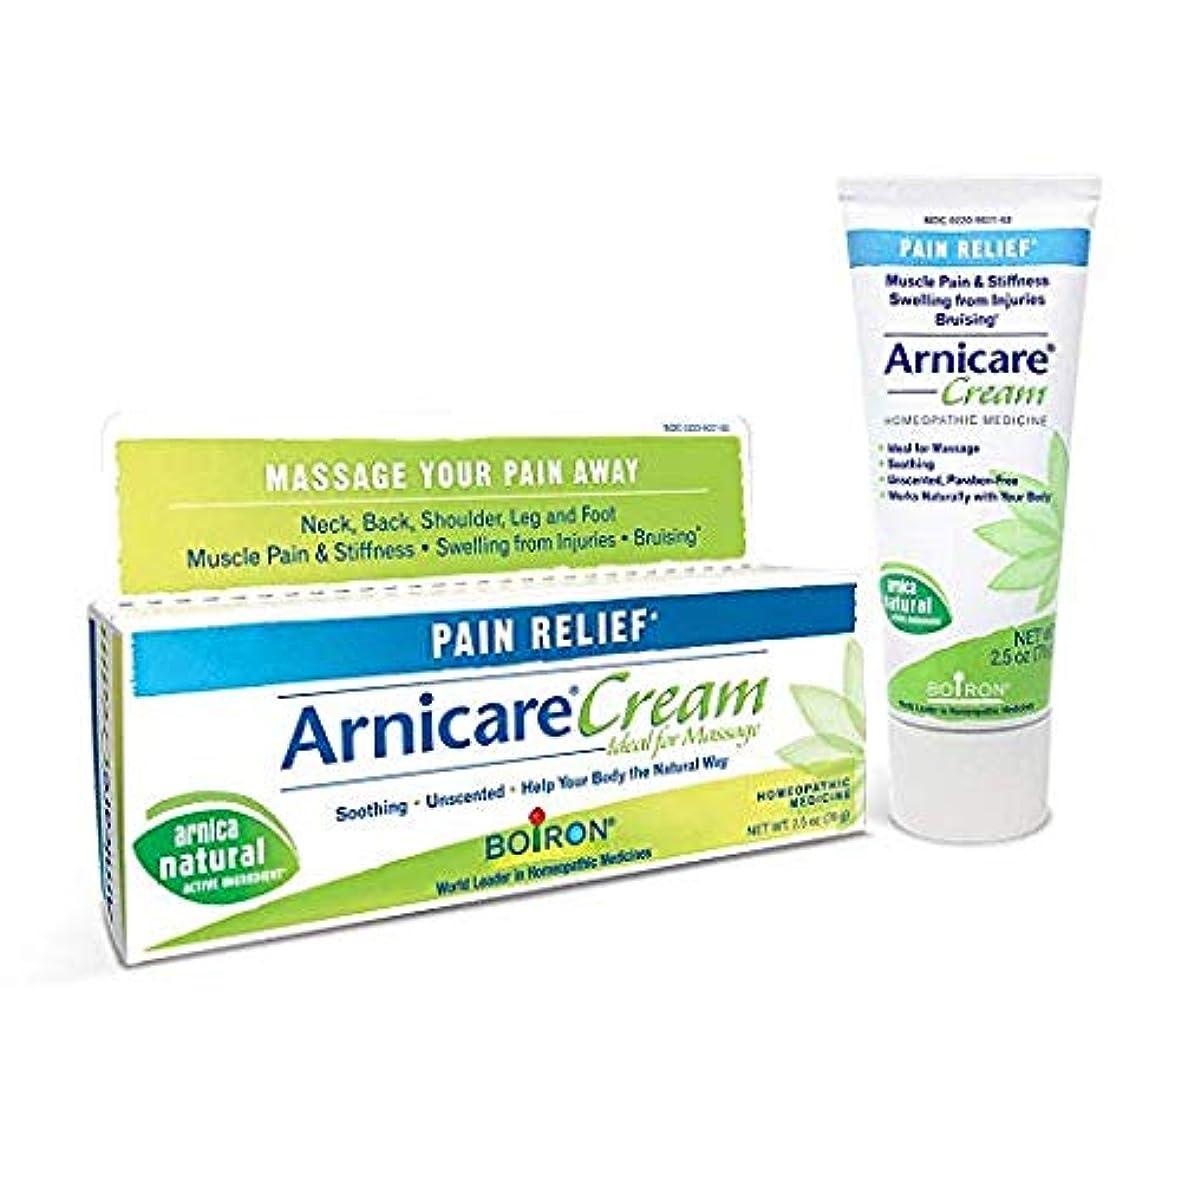 勤勉保険結婚ボイロン アルニカクリーム Boiron Arnicare Cream 2.5 Ounces Topical Pain Relief Cream [並行輸入品]